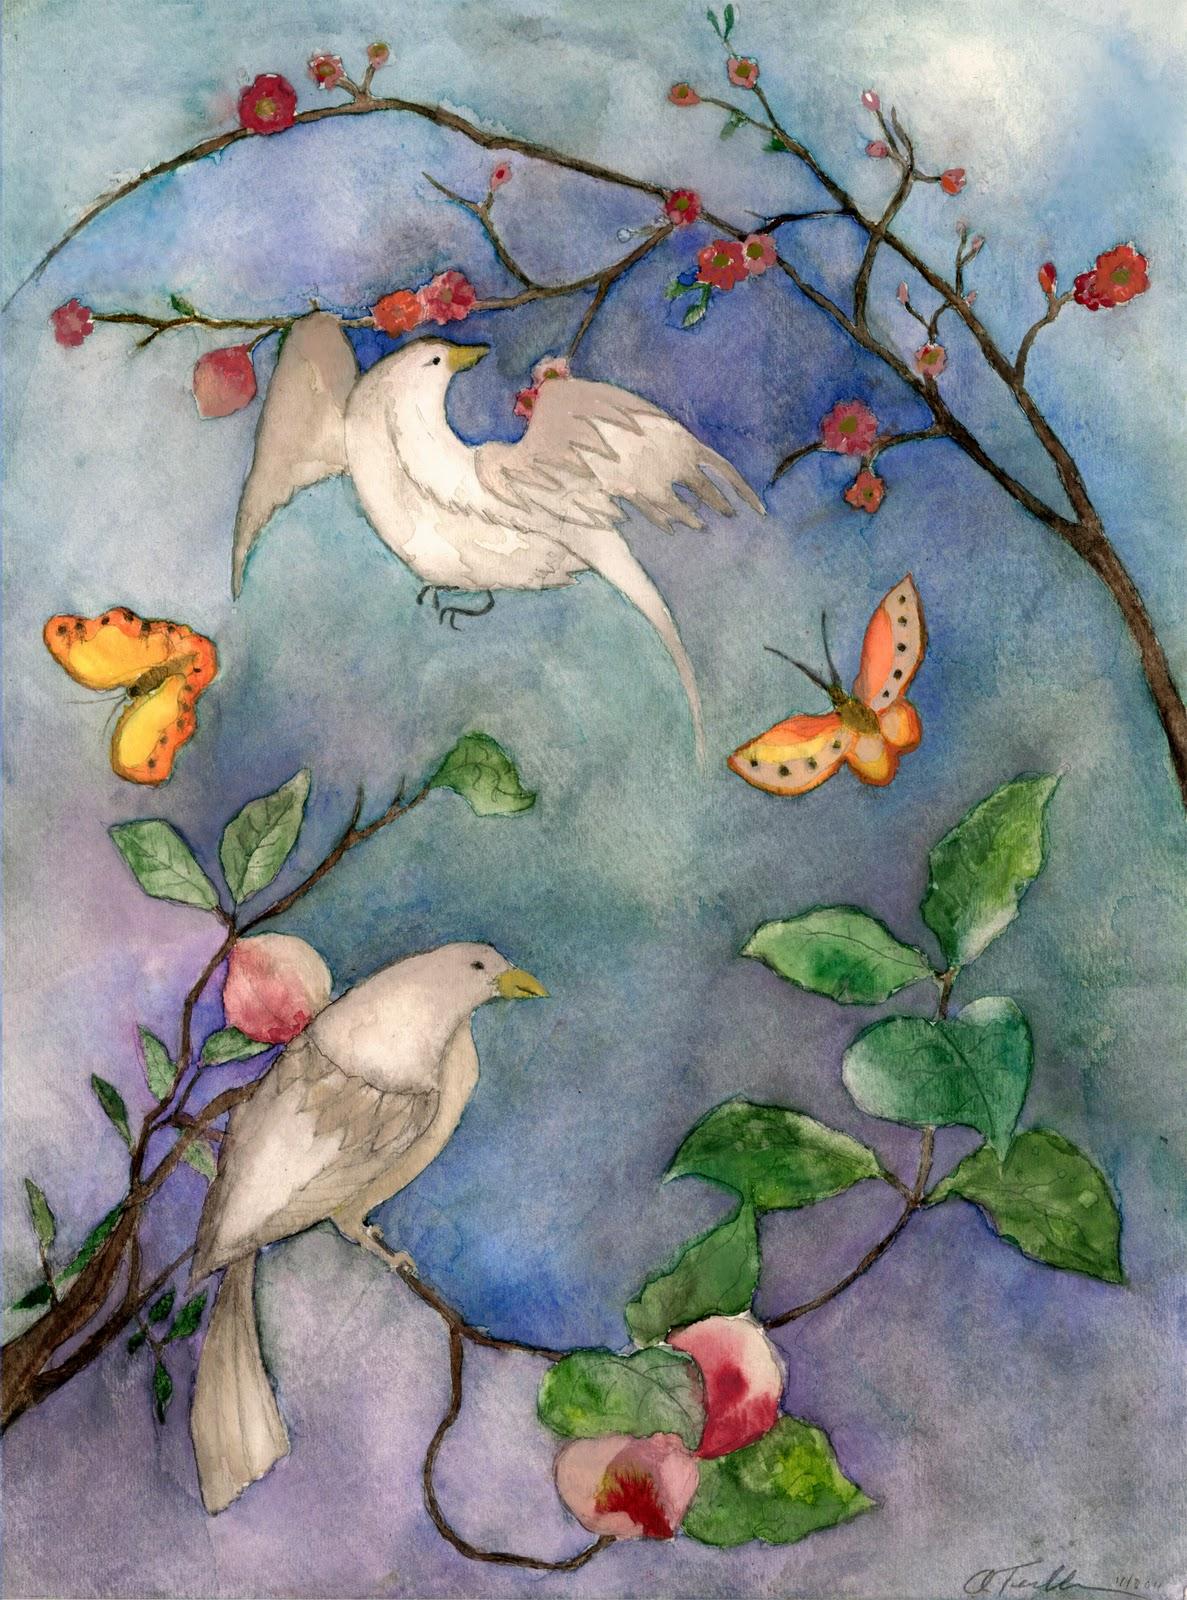 http://3.bp.blogspot.com/-JbHMqpJn0G4/Tvs5LwDM-AI/AAAAAAAABiA/bBpFtU4zUKo/s1600/birds%2526butterflies-edit-smallt.jpg